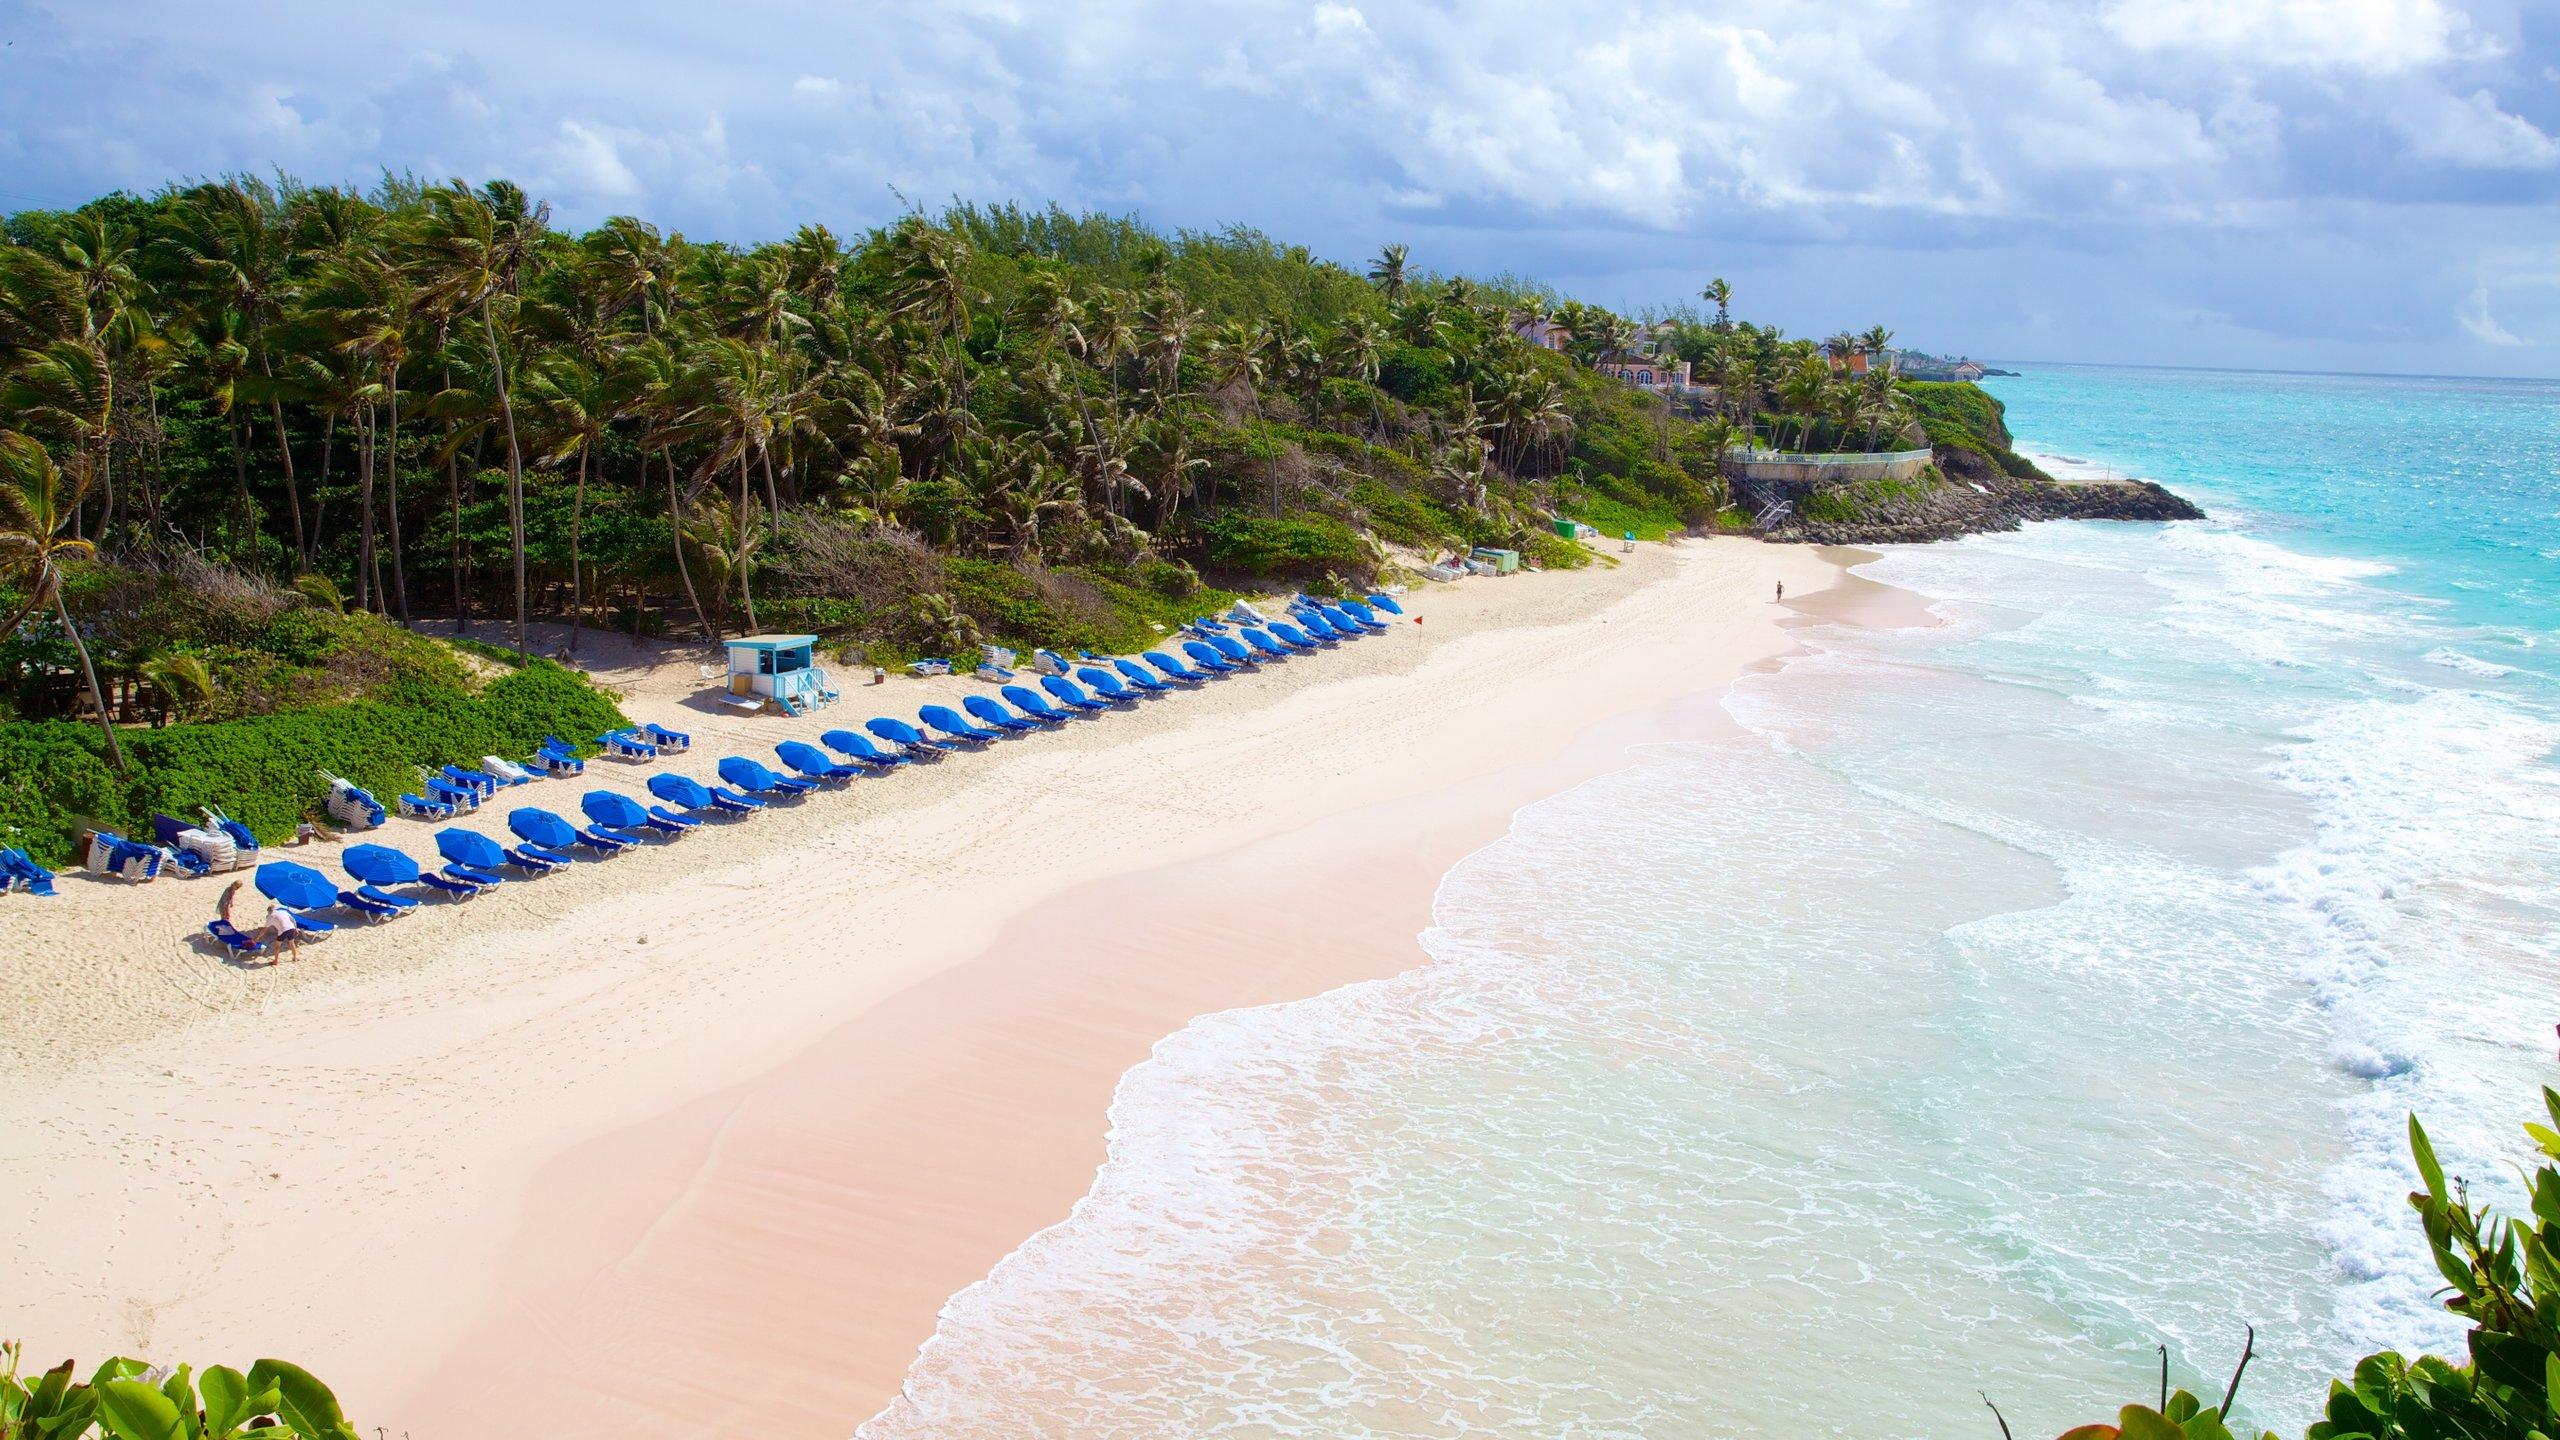 Top 10 Hotels Closest To Crane Beach In